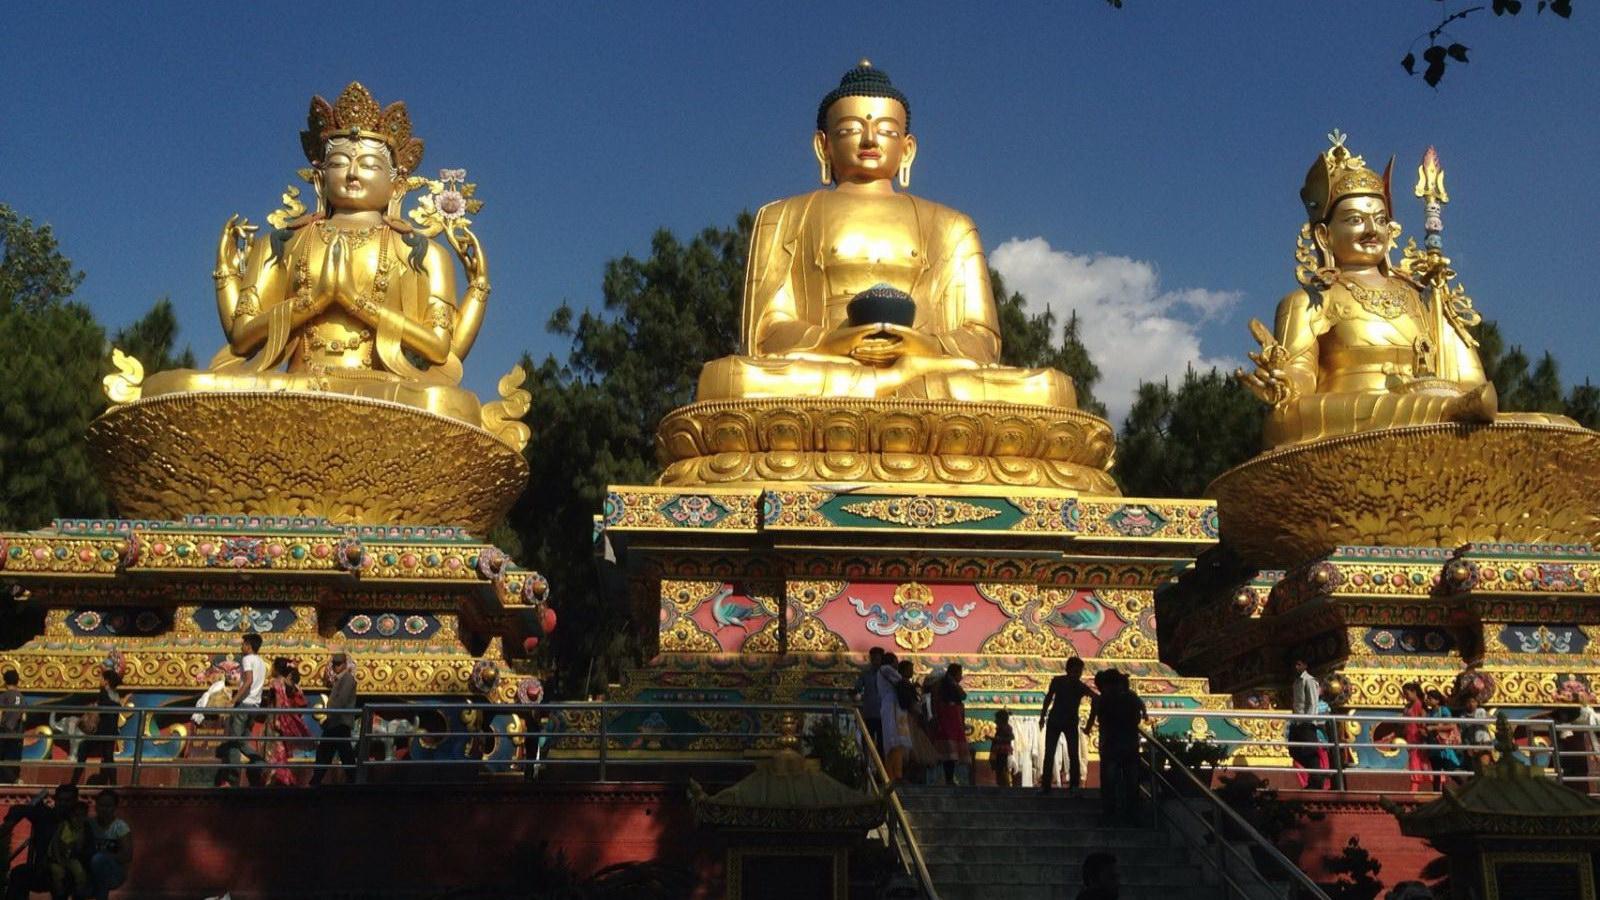 His pride, his Kathmandu